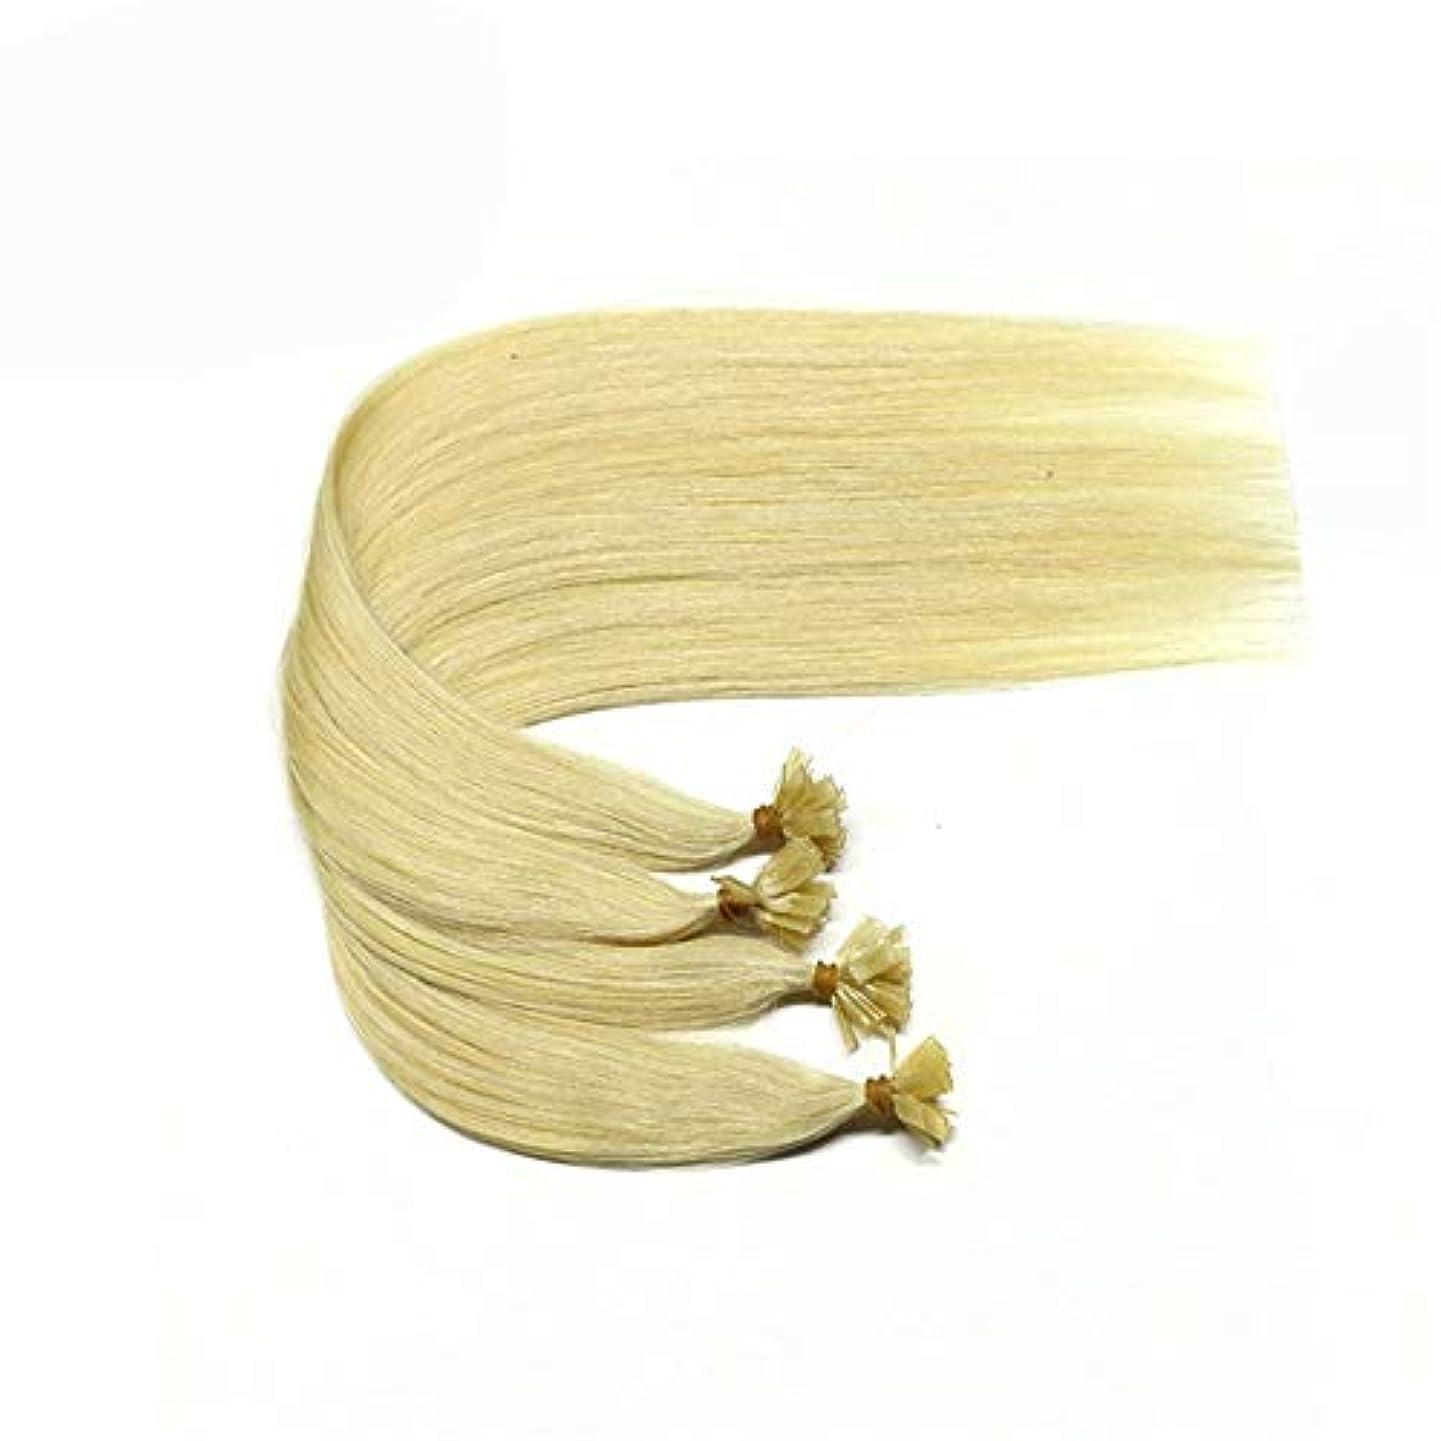 義務づける送る解釈WASAIO 女性のためのヘアエクステンションクリップシームレスな髪型の交換前の結合ヒトブロンドの着色マイクロリング (色 : Blonde, サイズ : 12 inch)